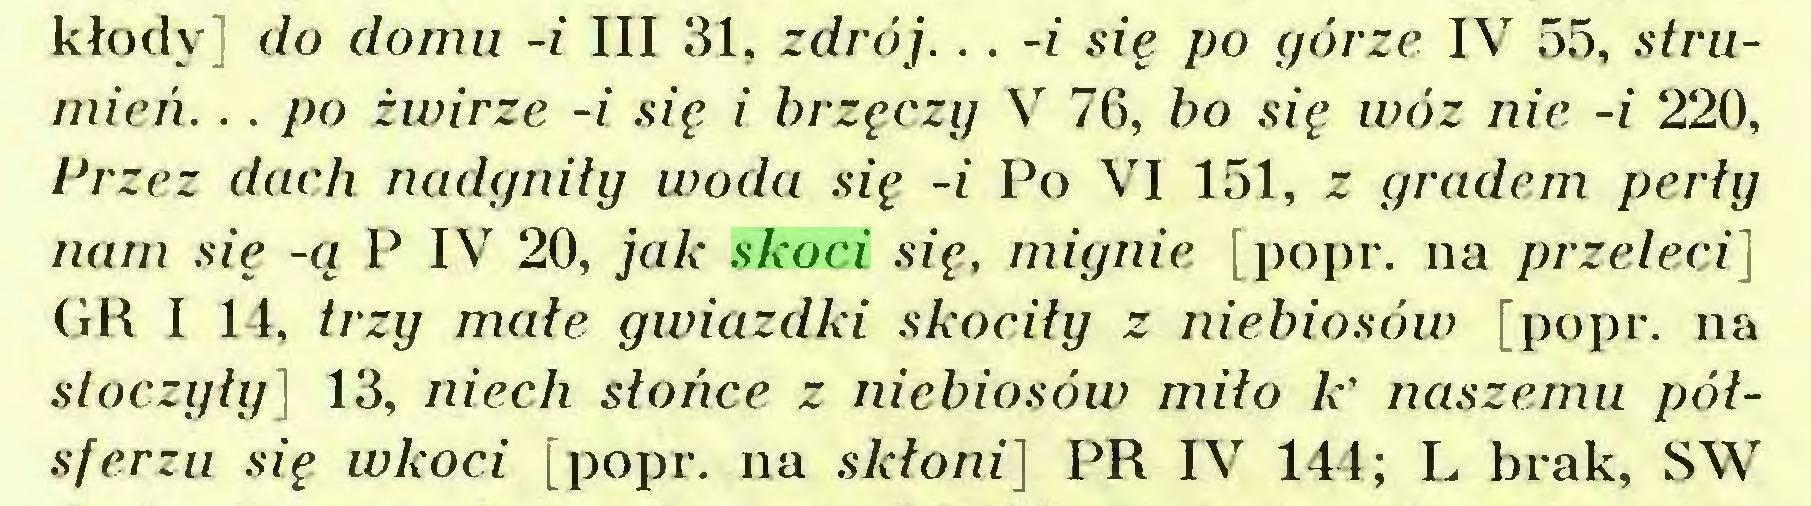 (...) kłody do domu -i III 31, zdrój. .. -i się po górze IV 55, strumień. .. po żwirze -i się i brzęczy V 76, bo się wóz nie -i 220, Lr zez dach nadgniły woda się -i Po VI 151, z gradem perły nam się -ą P IV 20, jak skoci się, mignie [popr. na przeleci] GR I 14, trzy małe gwiazdki skociły z niebiosów [popr. na stoczyły] 13, niech słońce z niebiosów miło k' naszemu półsferzu się wkoci [popr. na skłoni] PR IV 144; L brak, SW...